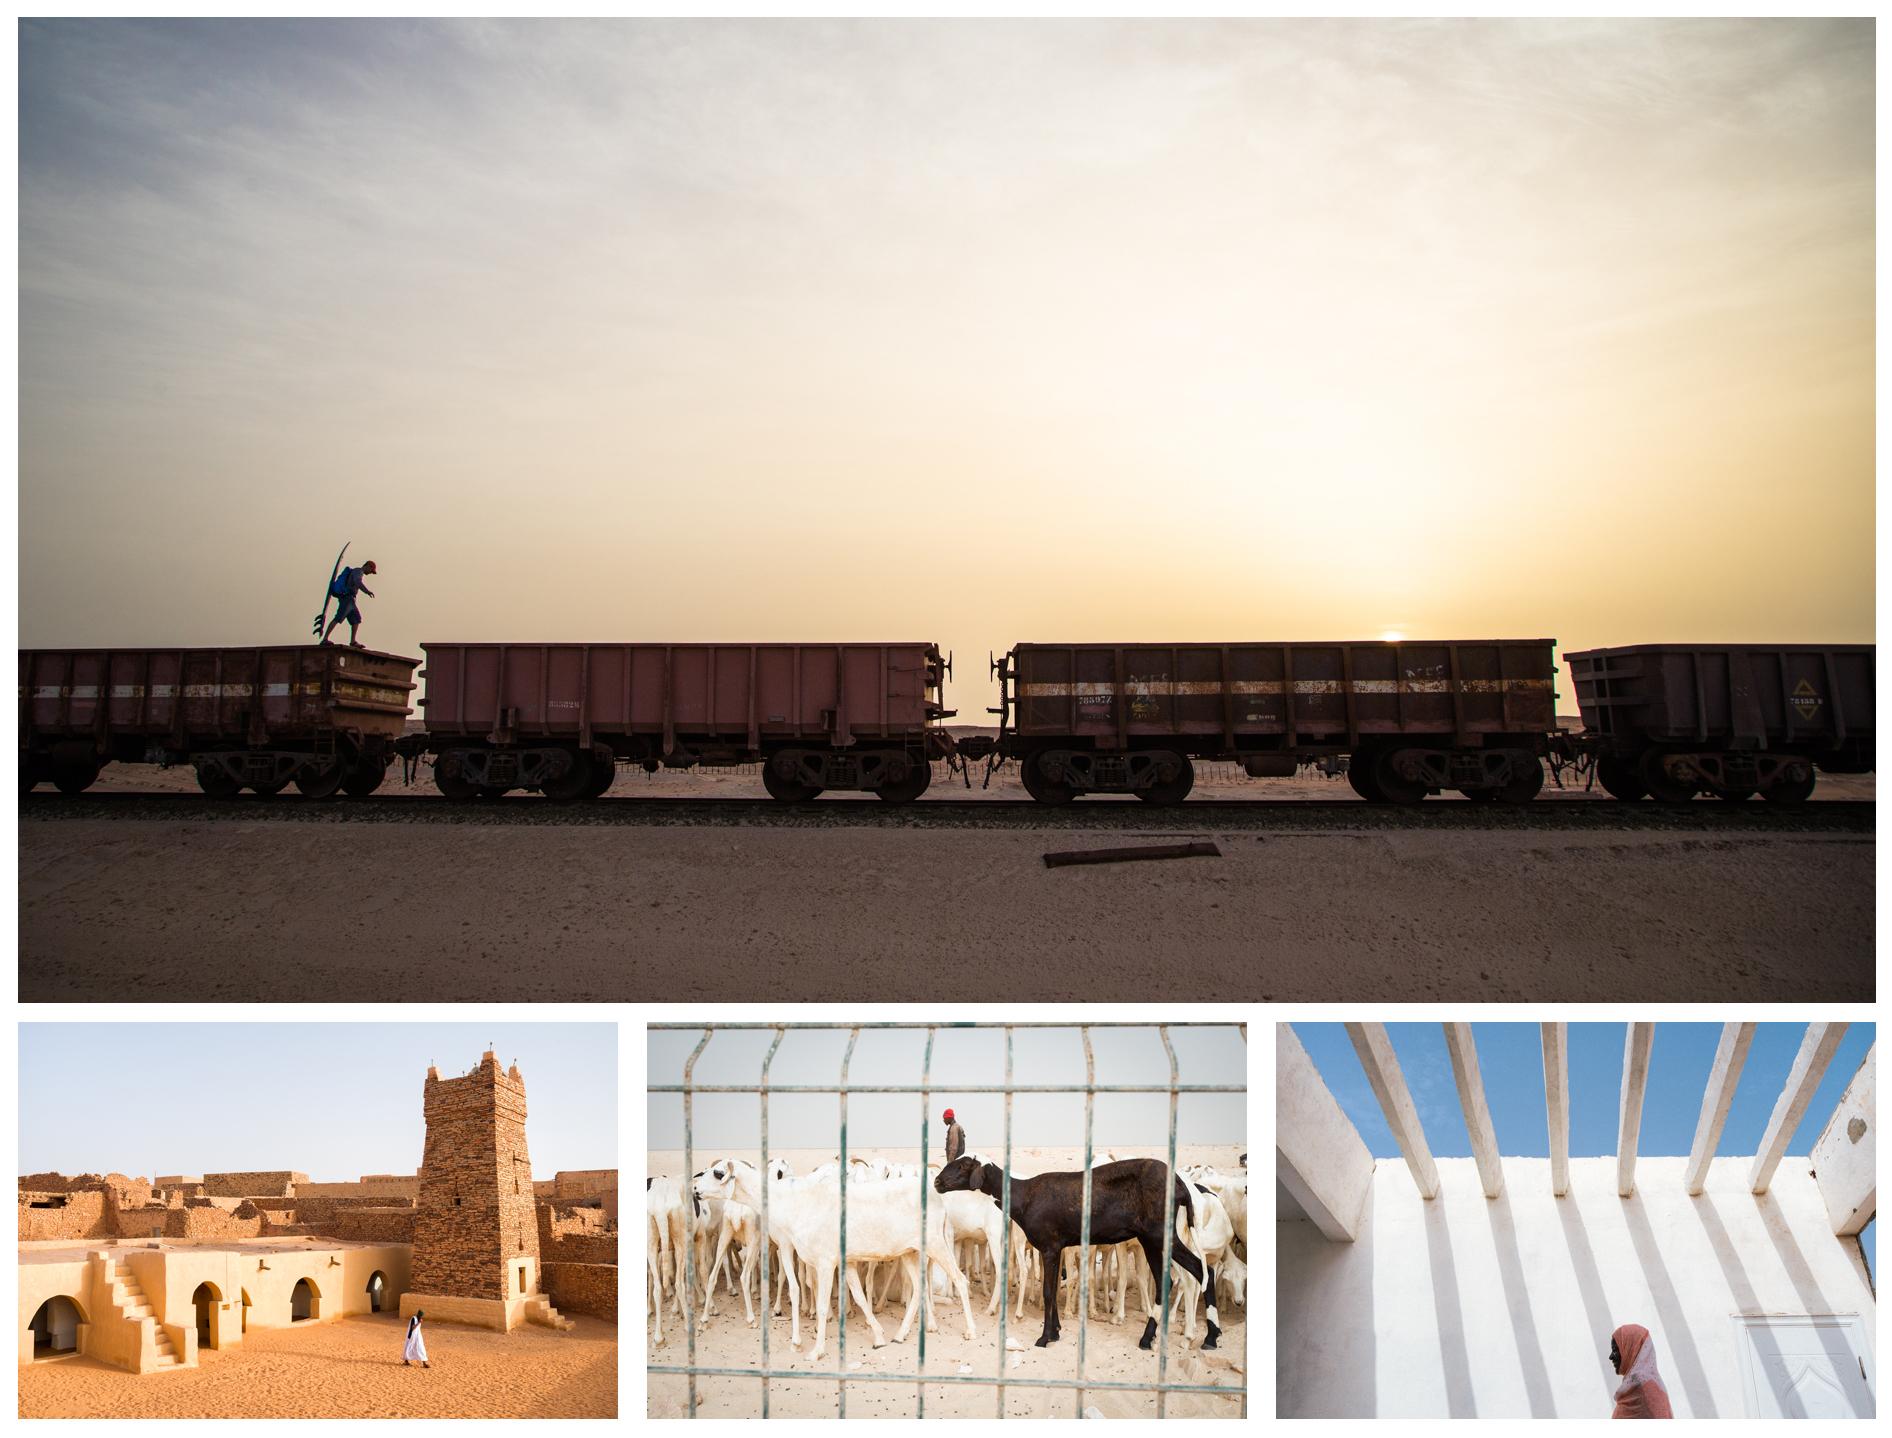 Journey Through the Sahara - Jody MacDonald Photography